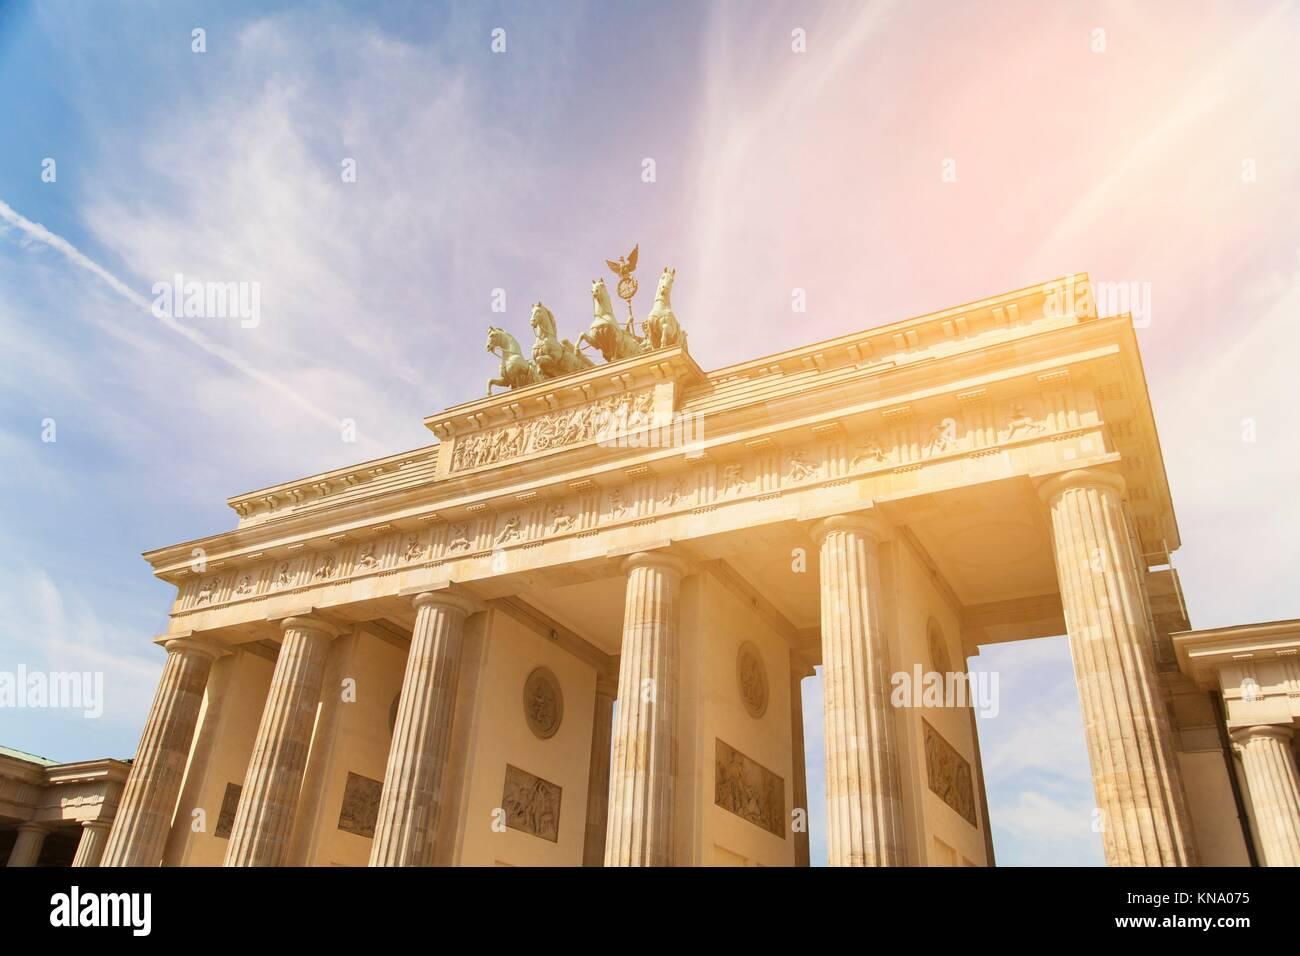 La Porta di Brandeburgo e dalla luce diretta dei raggi solari. Immagini Stock